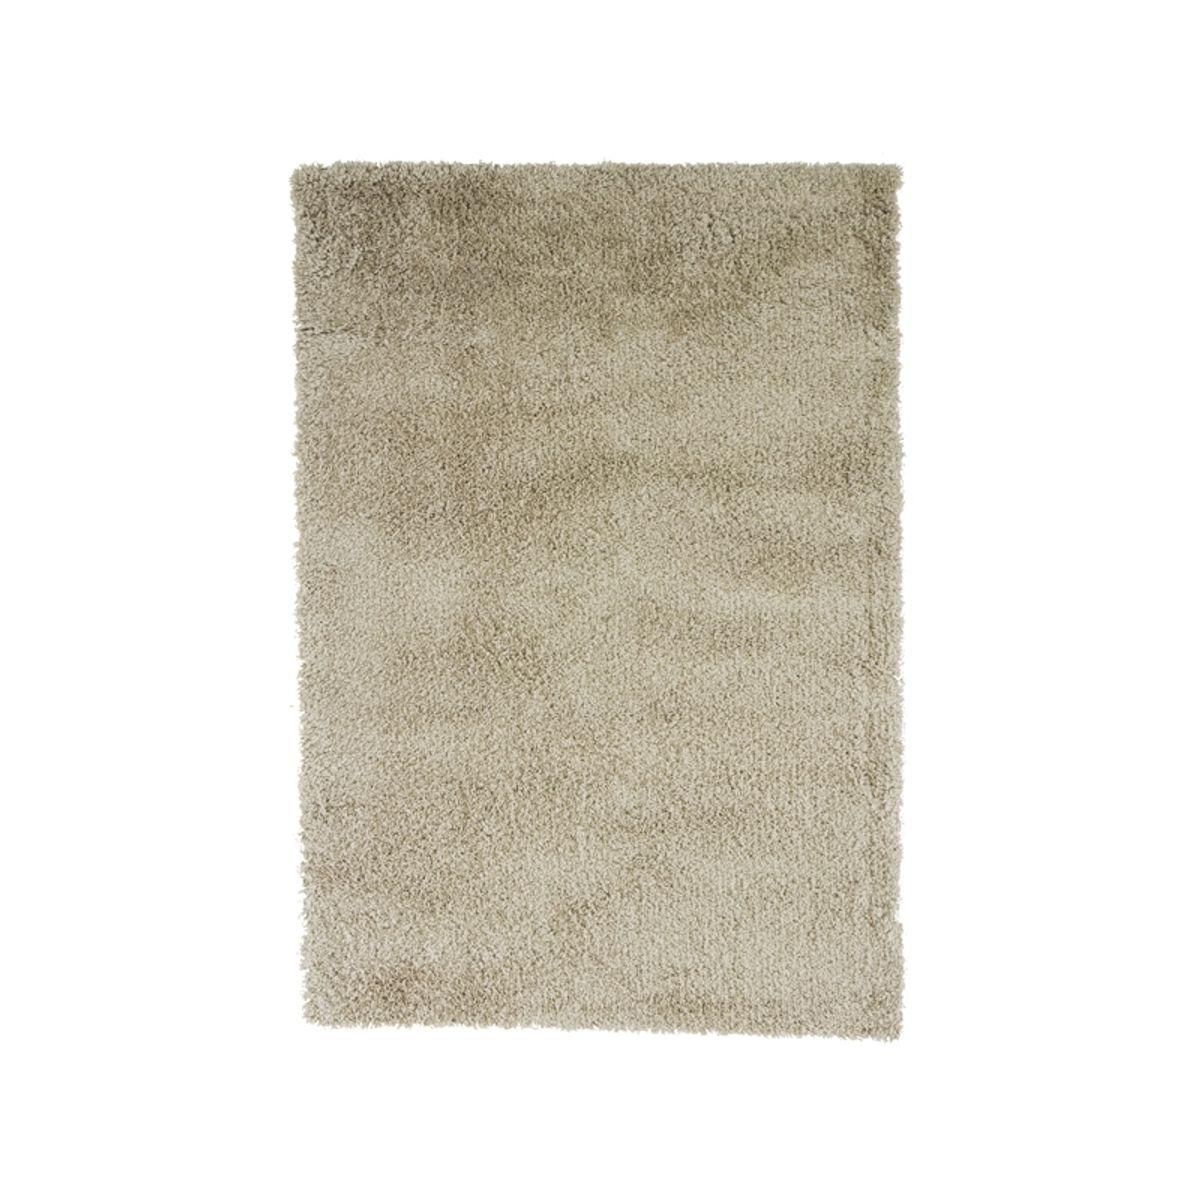 Tapis Softy craie 120x170cm